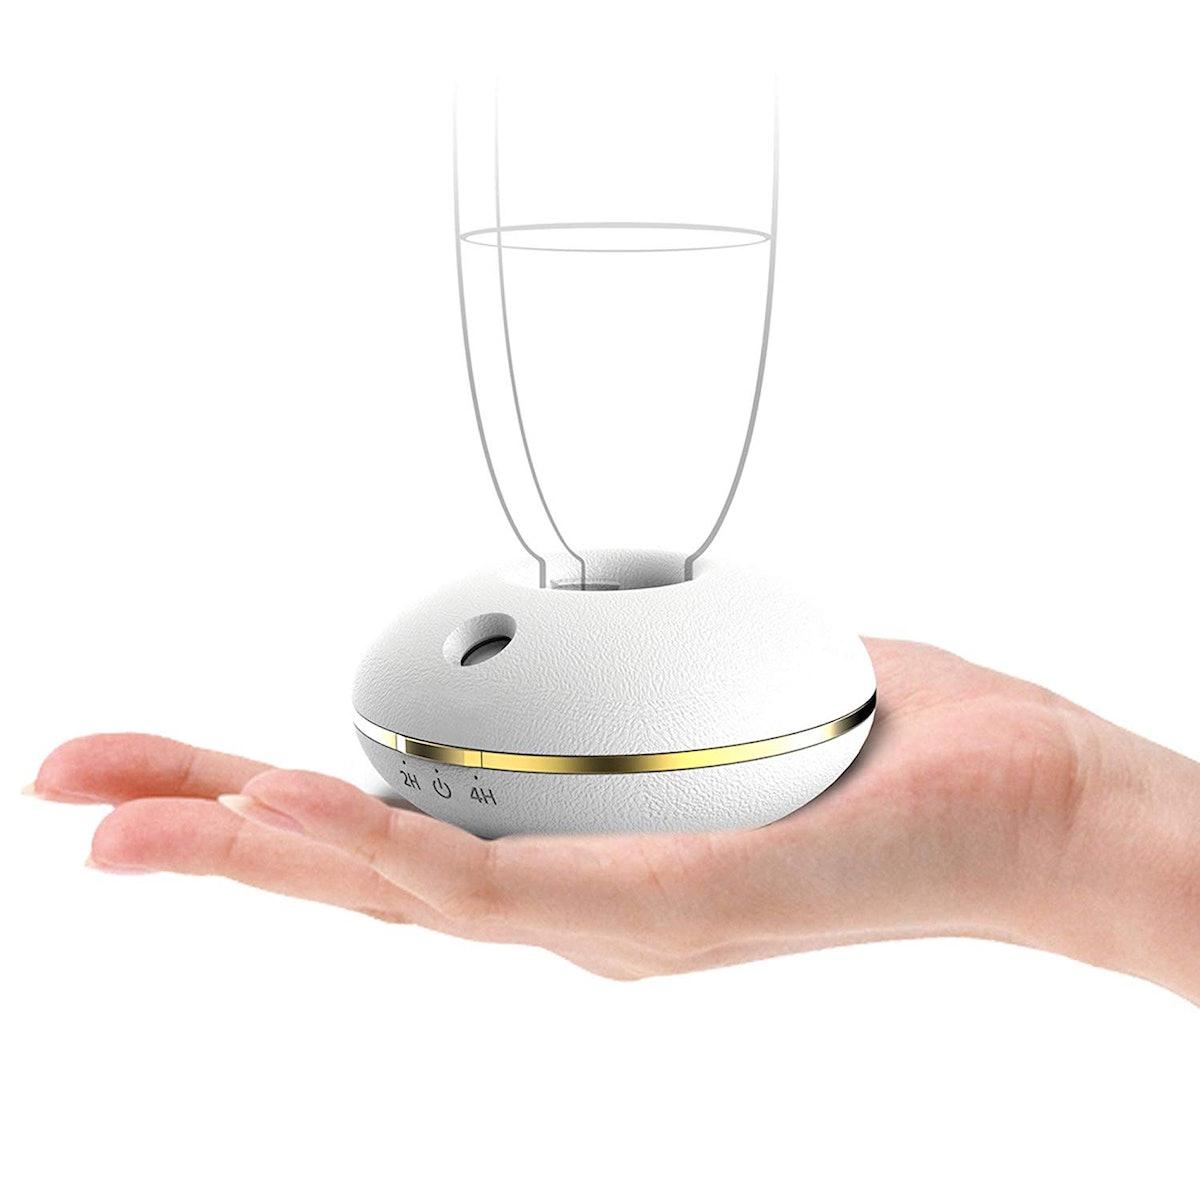 Fancii Mini Cool-Mist Humidifier